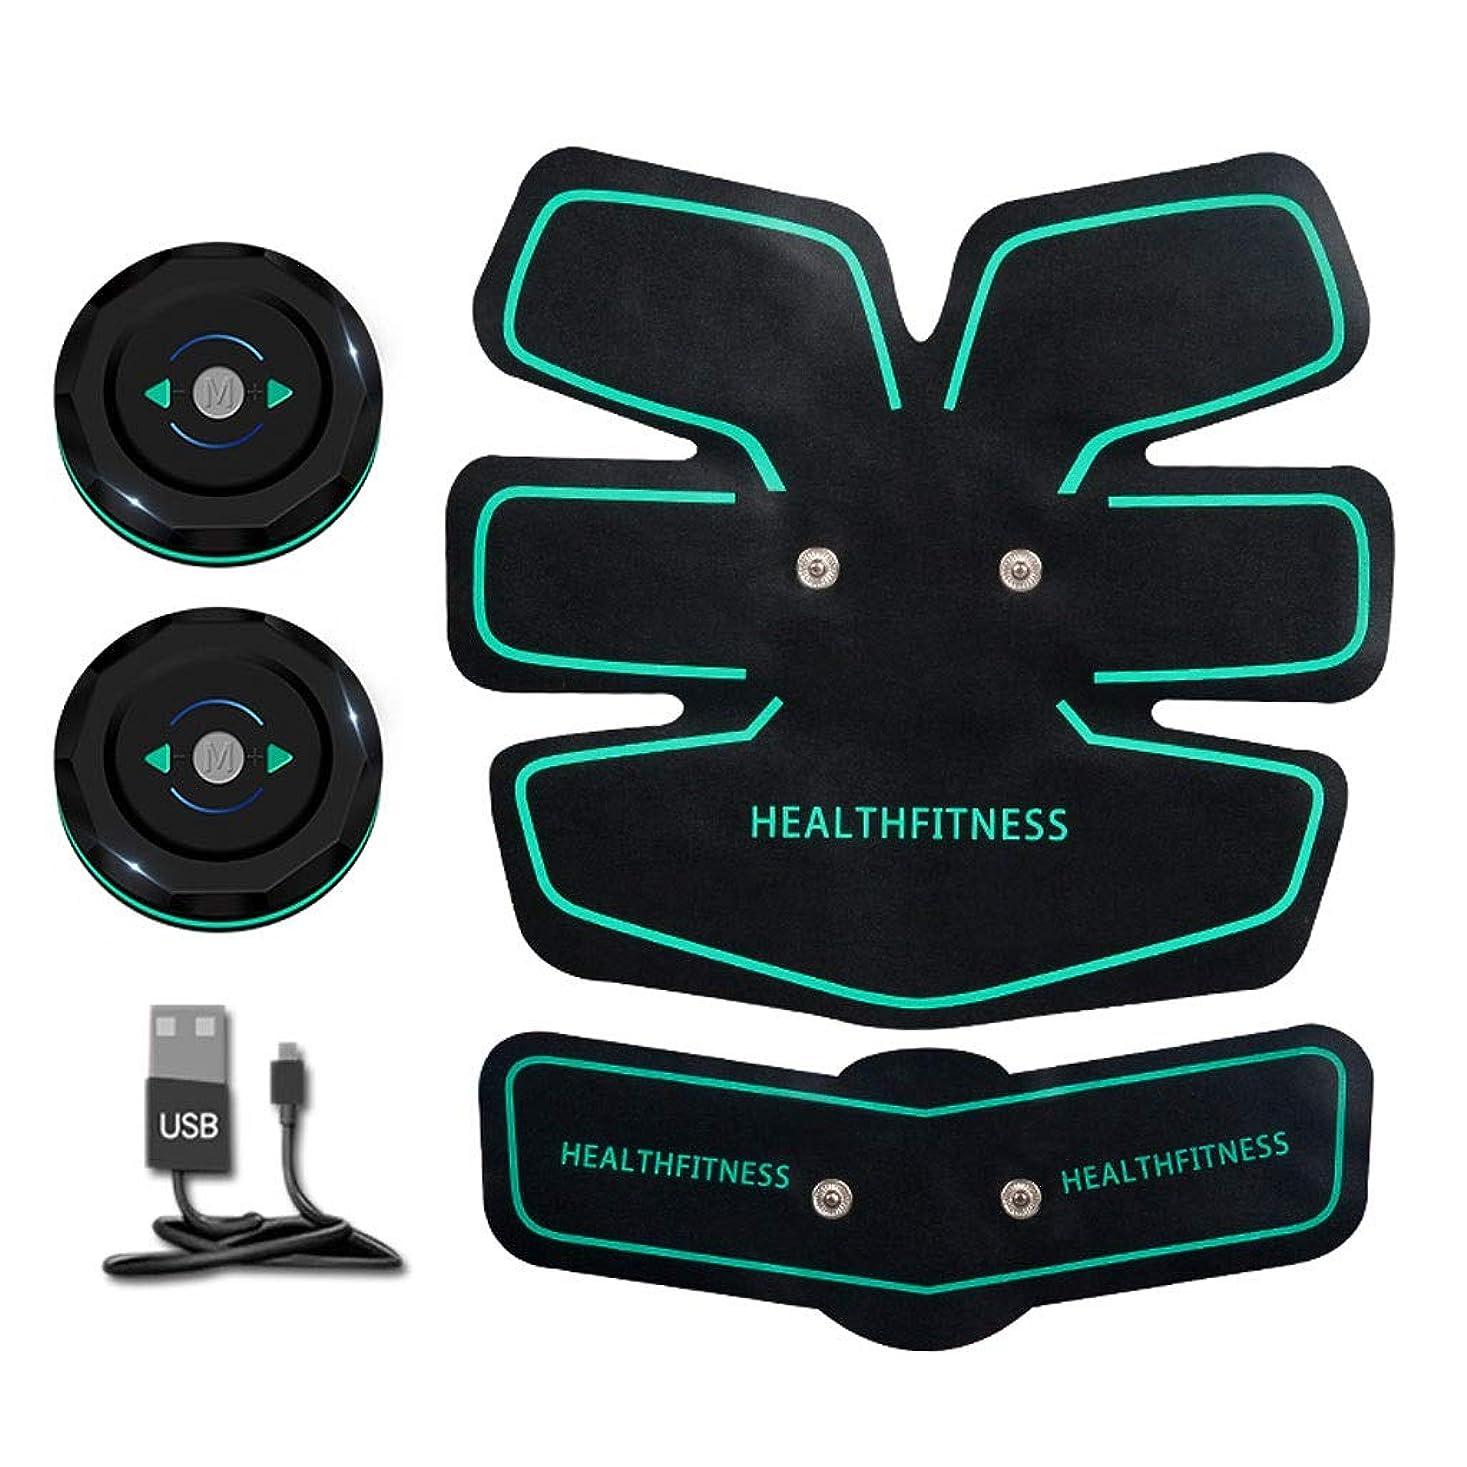 偽装する転倒怠惰刺激装置、腹部調子を整えるベルトマッスルトナーポータブルマッスルトレーナー、ボディマッスルフィットネストレーナー6モード9レベル簡単操作用腹部アーム (Color : Green, Size : A)